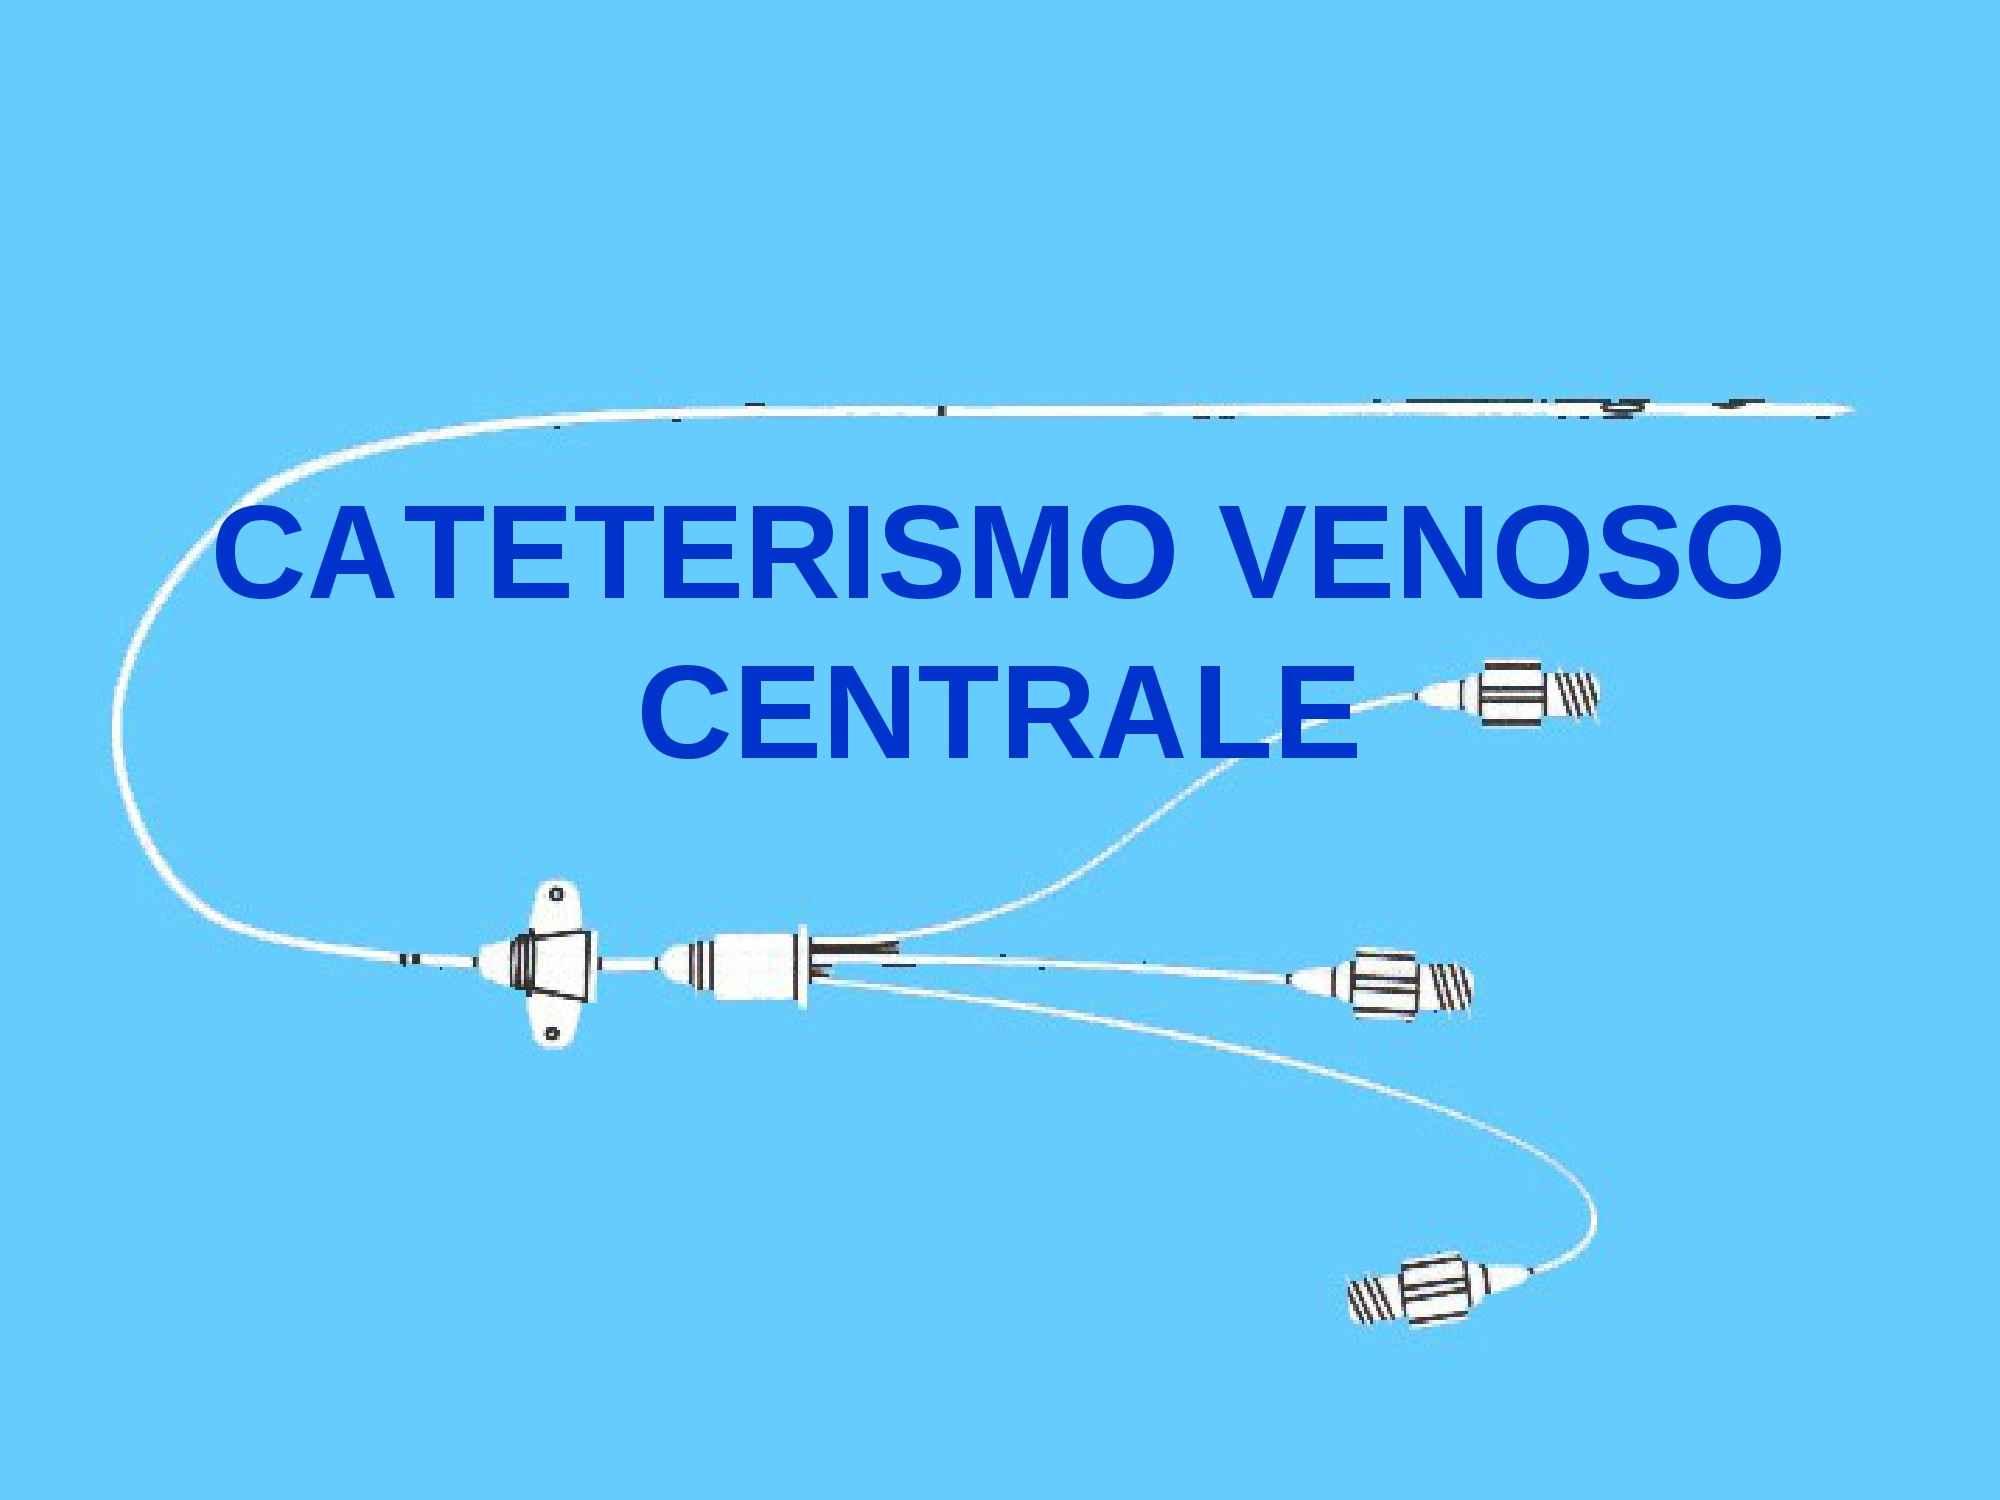 Cateterismo venoso centrale